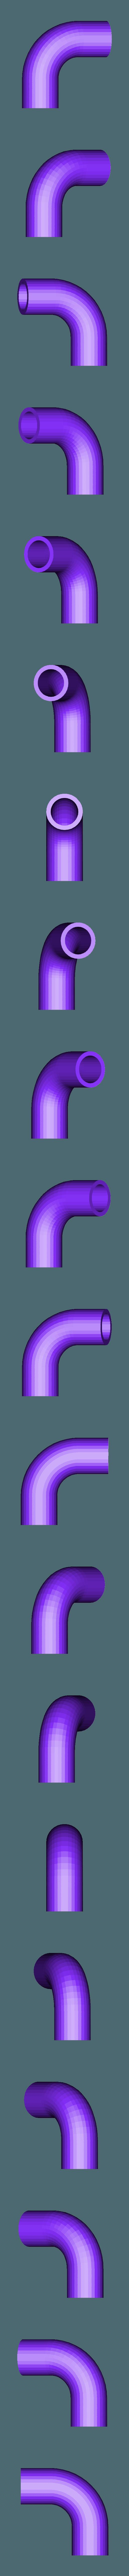 90_pipe_bend_1.stl Télécharger fichier STL gratuit Sci-fi Réseau de tuyaux modulaire pour les paysages de wargaming • Objet à imprimer en 3D, redstarkits